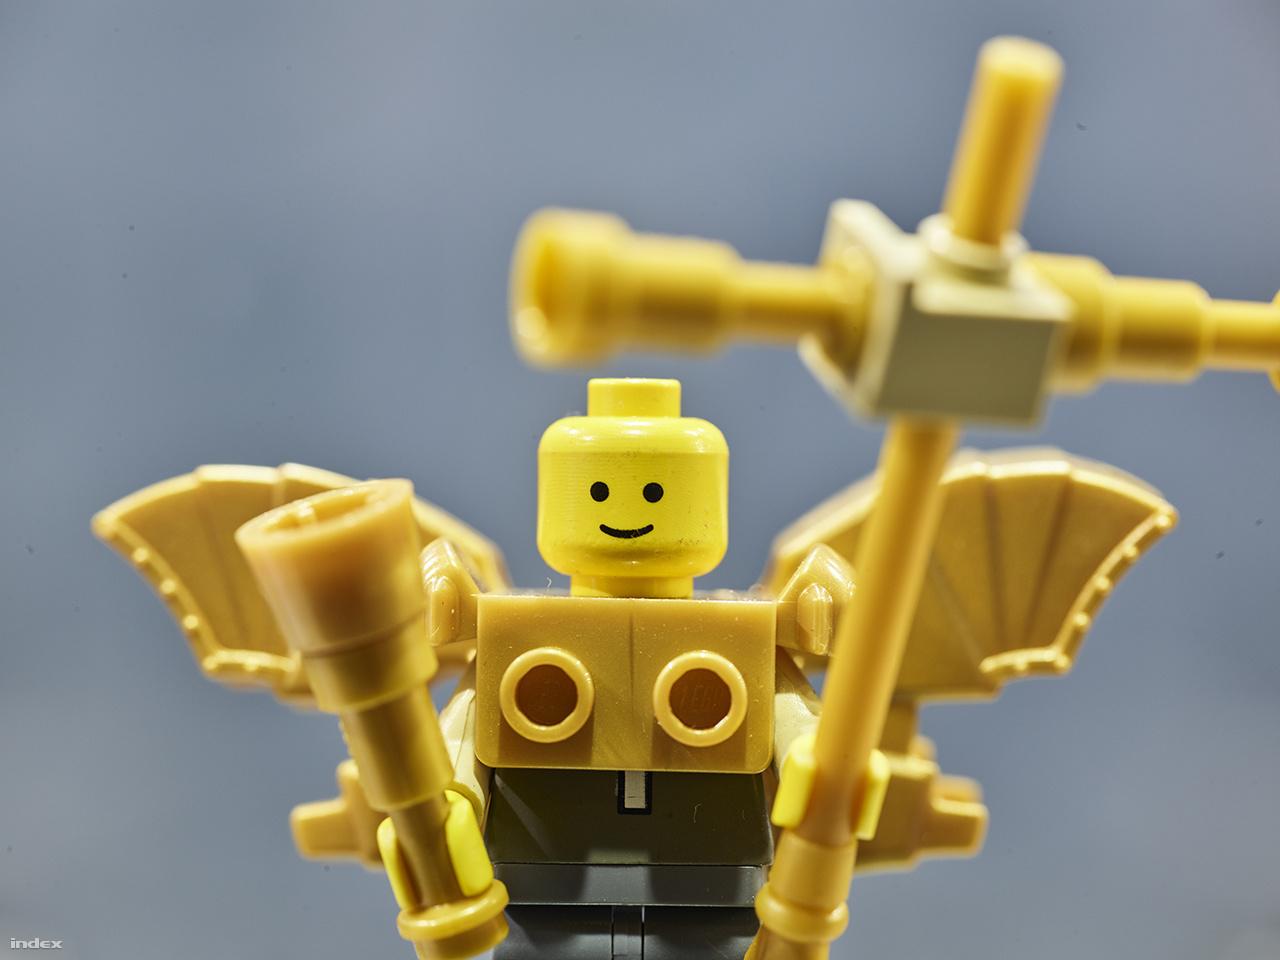 Részlet a Lego Hősök teréből: Gábriel arkangyal, a Millenniumi emlékmű 36 méter magas központi oszlopán álló szobrának minifigurába oltott mása.